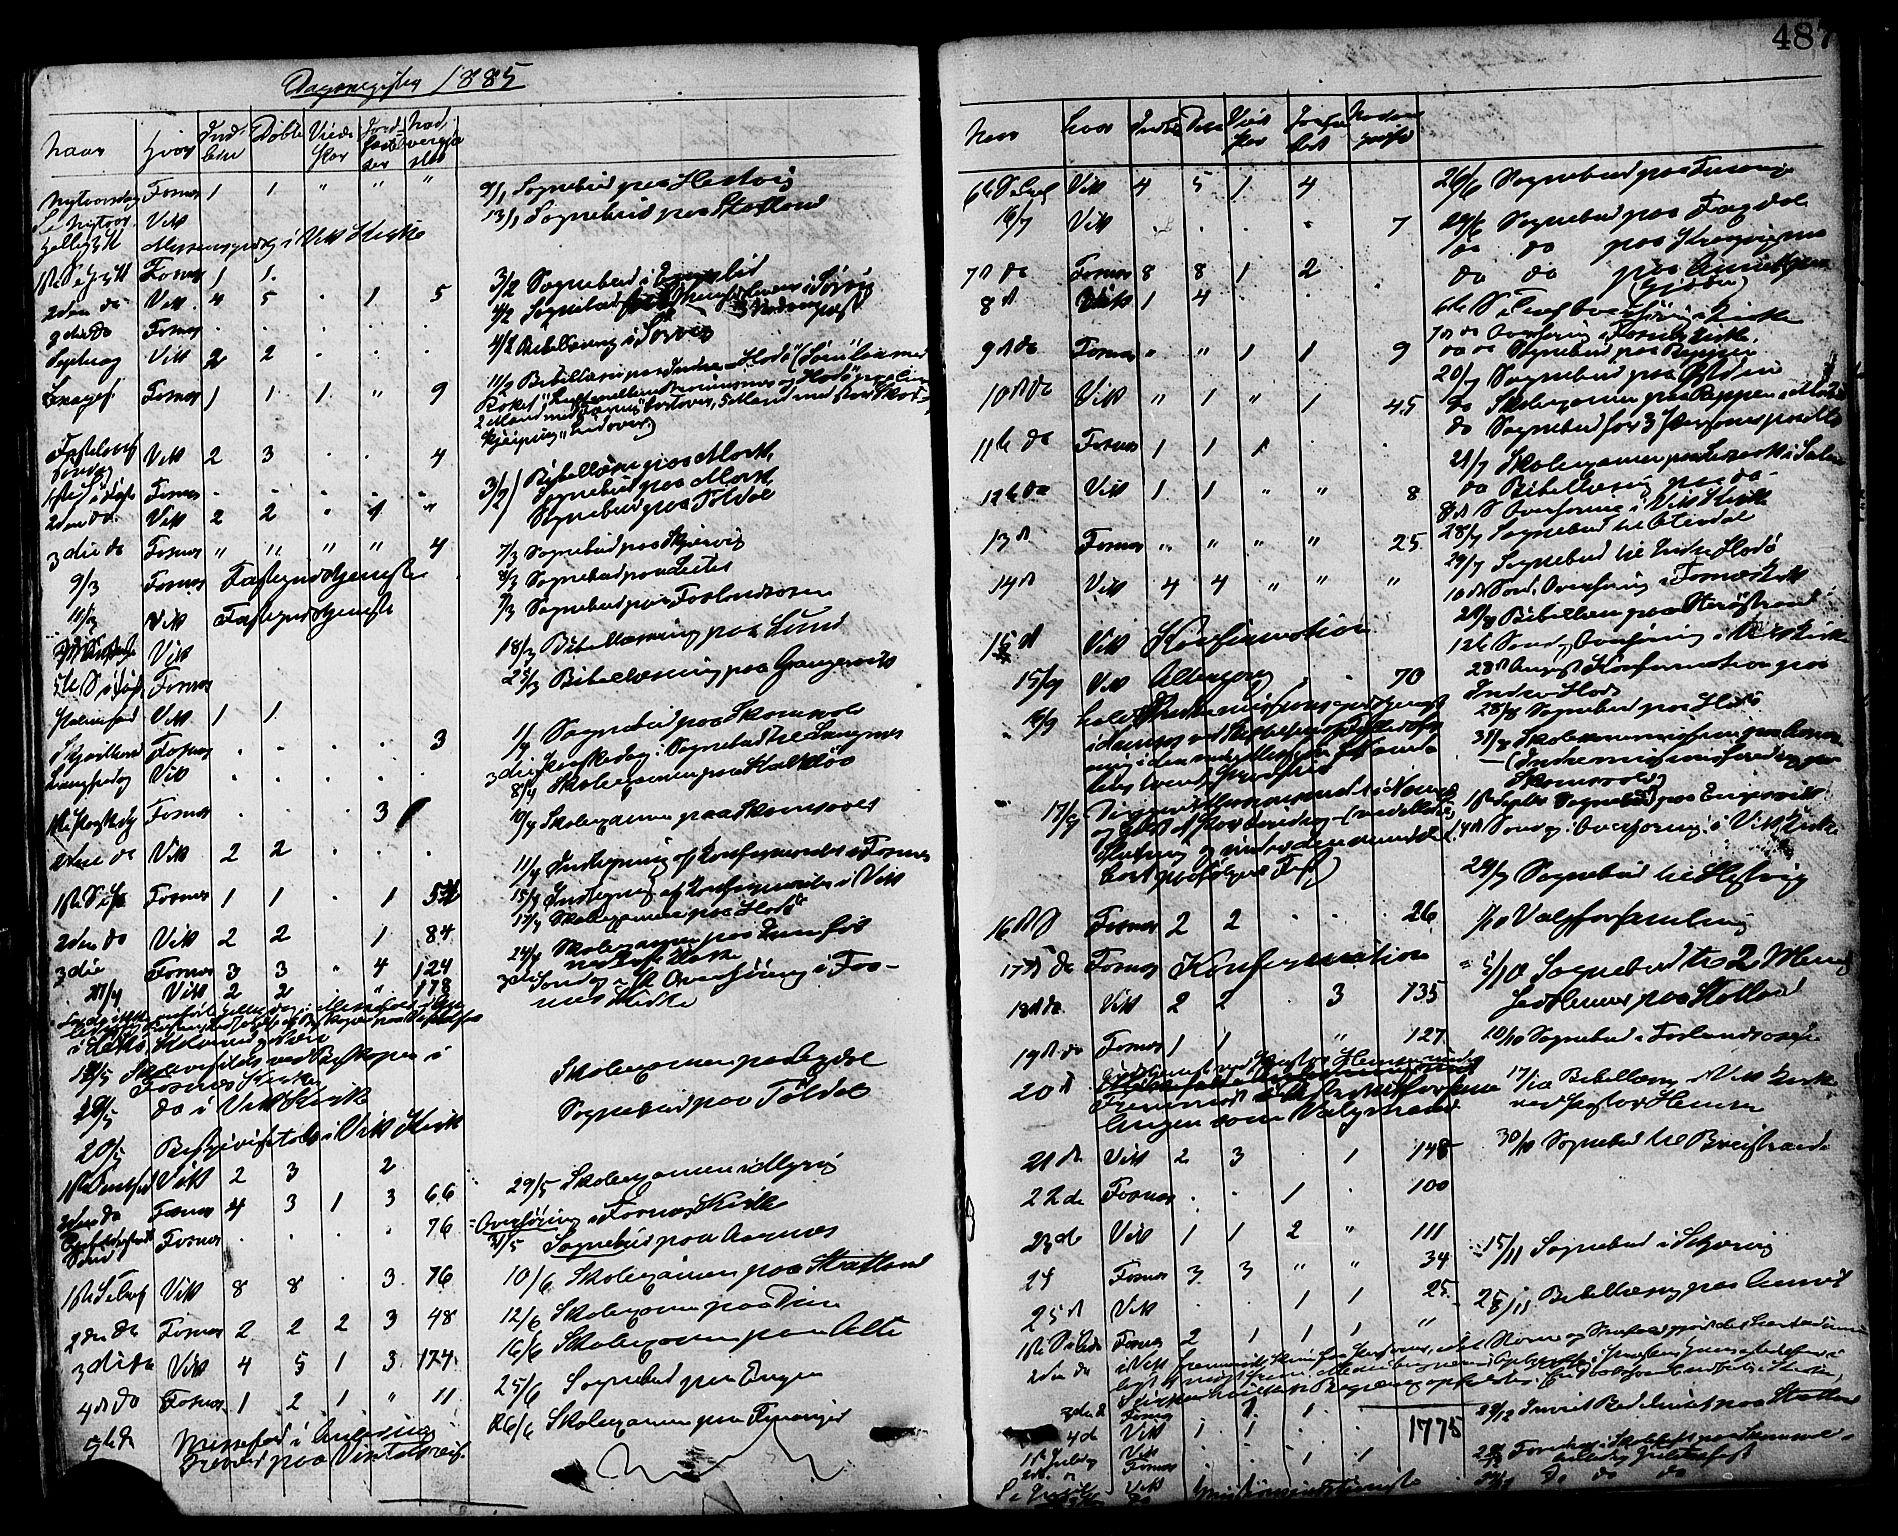 SAT, Ministerialprotokoller, klokkerbøker og fødselsregistre - Nord-Trøndelag, 773/L0616: Ministerialbok nr. 773A07, 1870-1887, s. 487